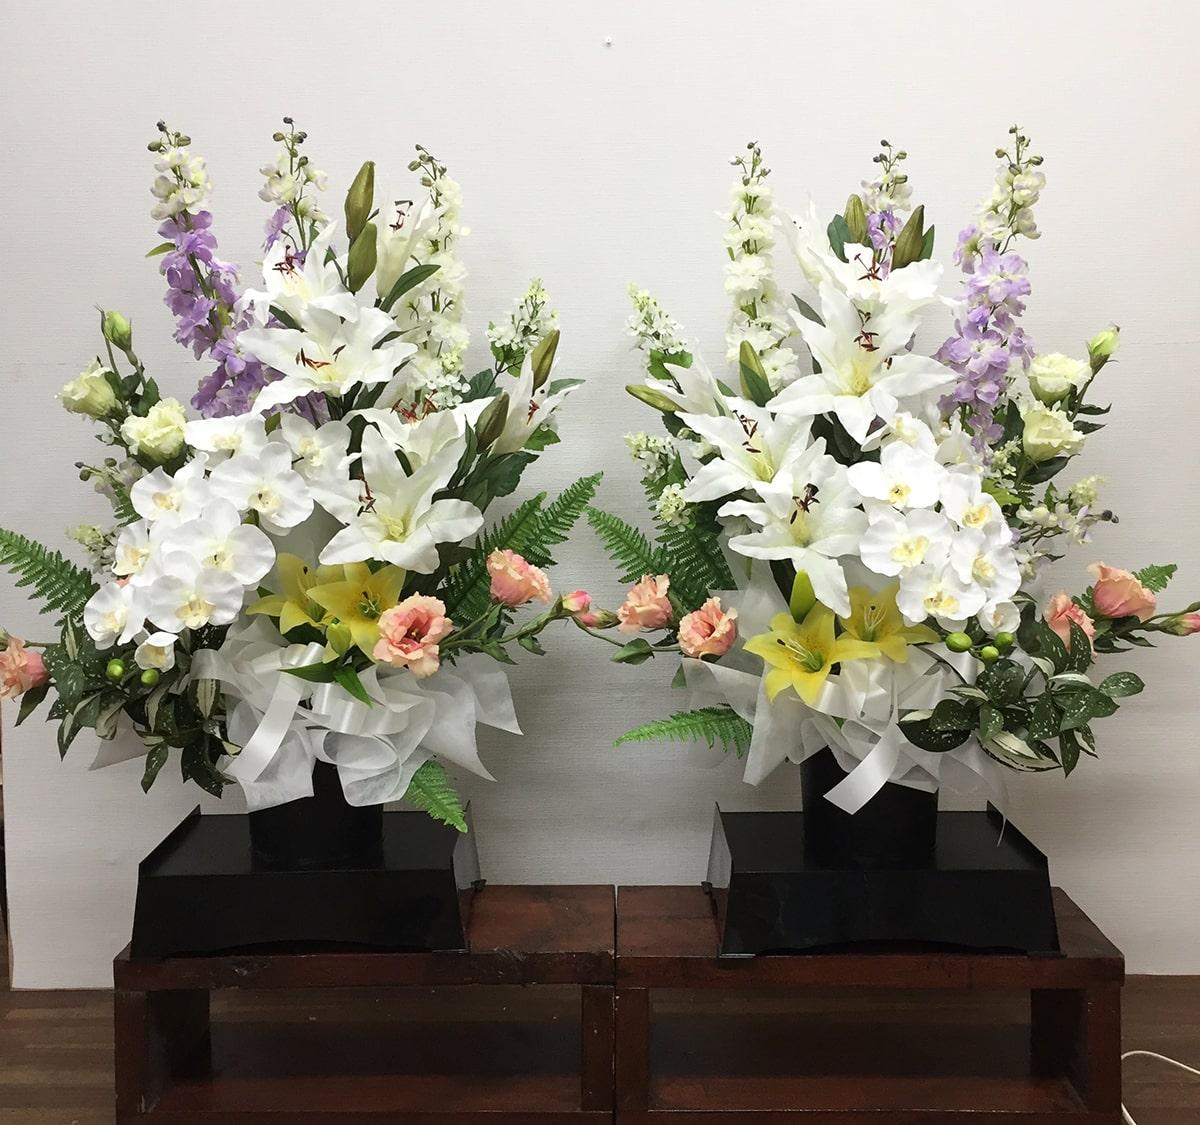 お供え 造花 アレンジメント 1対